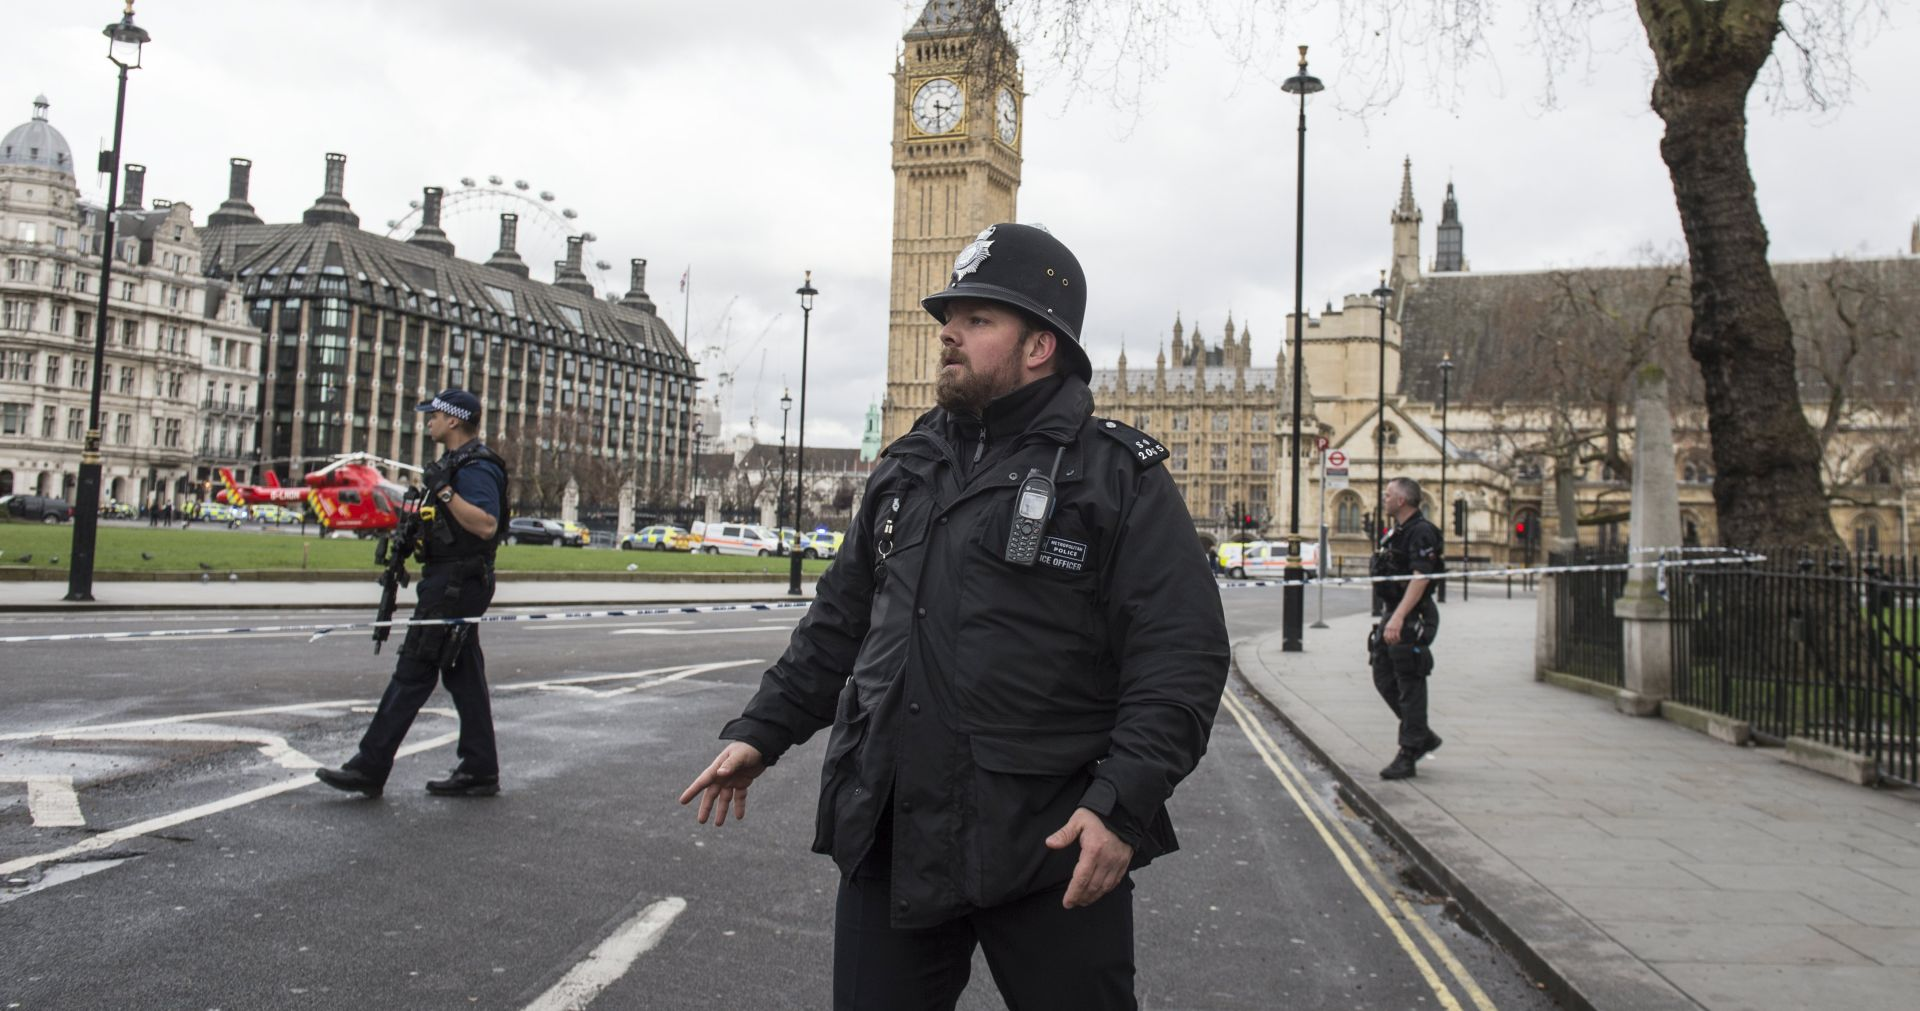 VIDEO: LONDON Snimljen trenutak kad su policajci upucali napadača